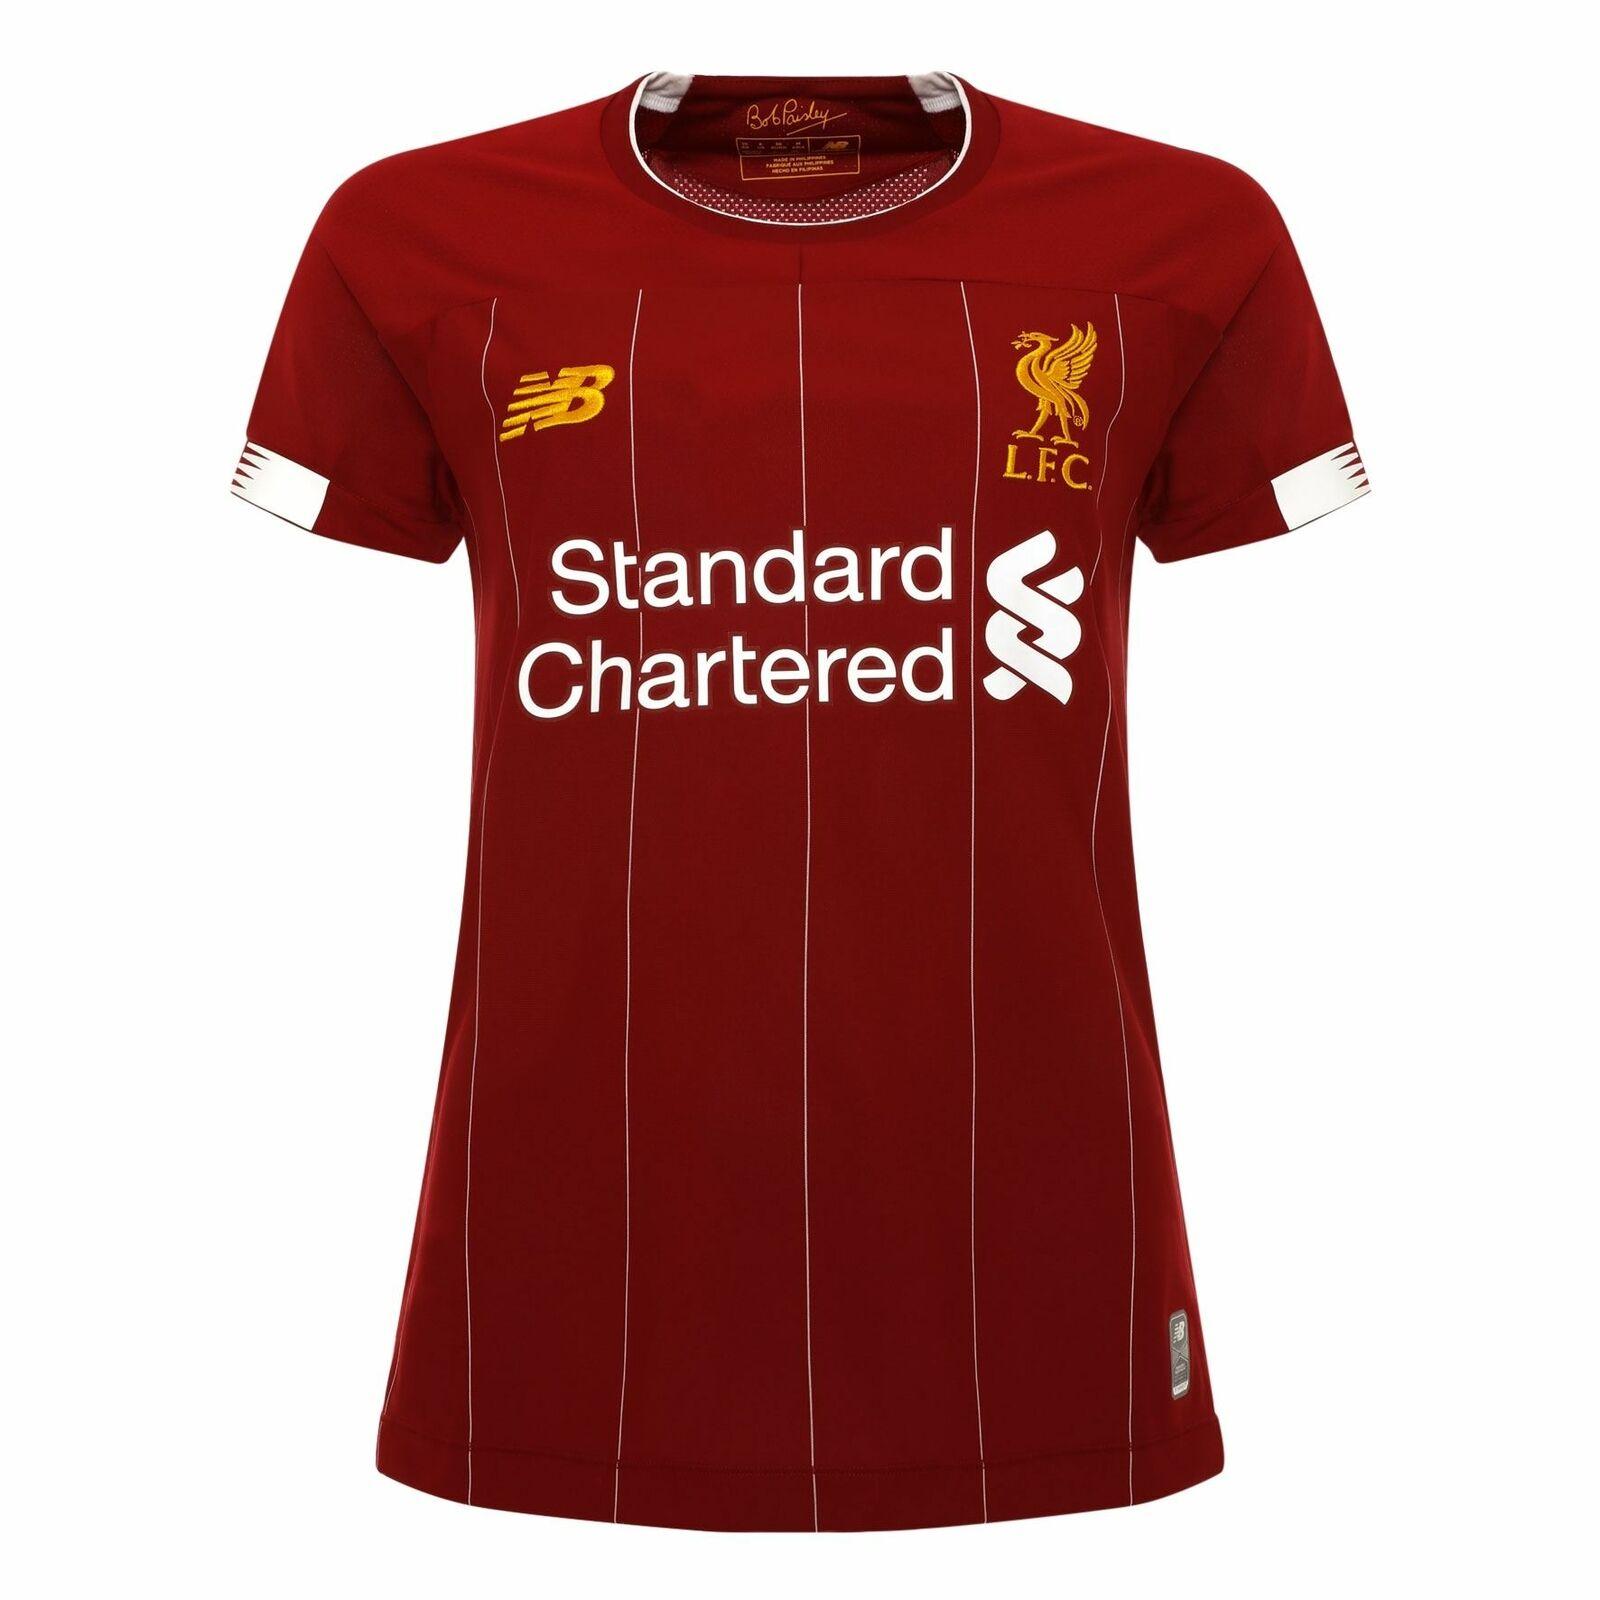 Liverpool FC Home Kit Rojo  Poliéster para Mujer Camiseta De Fútbol Oficial LFC 19 20  alta calidad y envío rápido